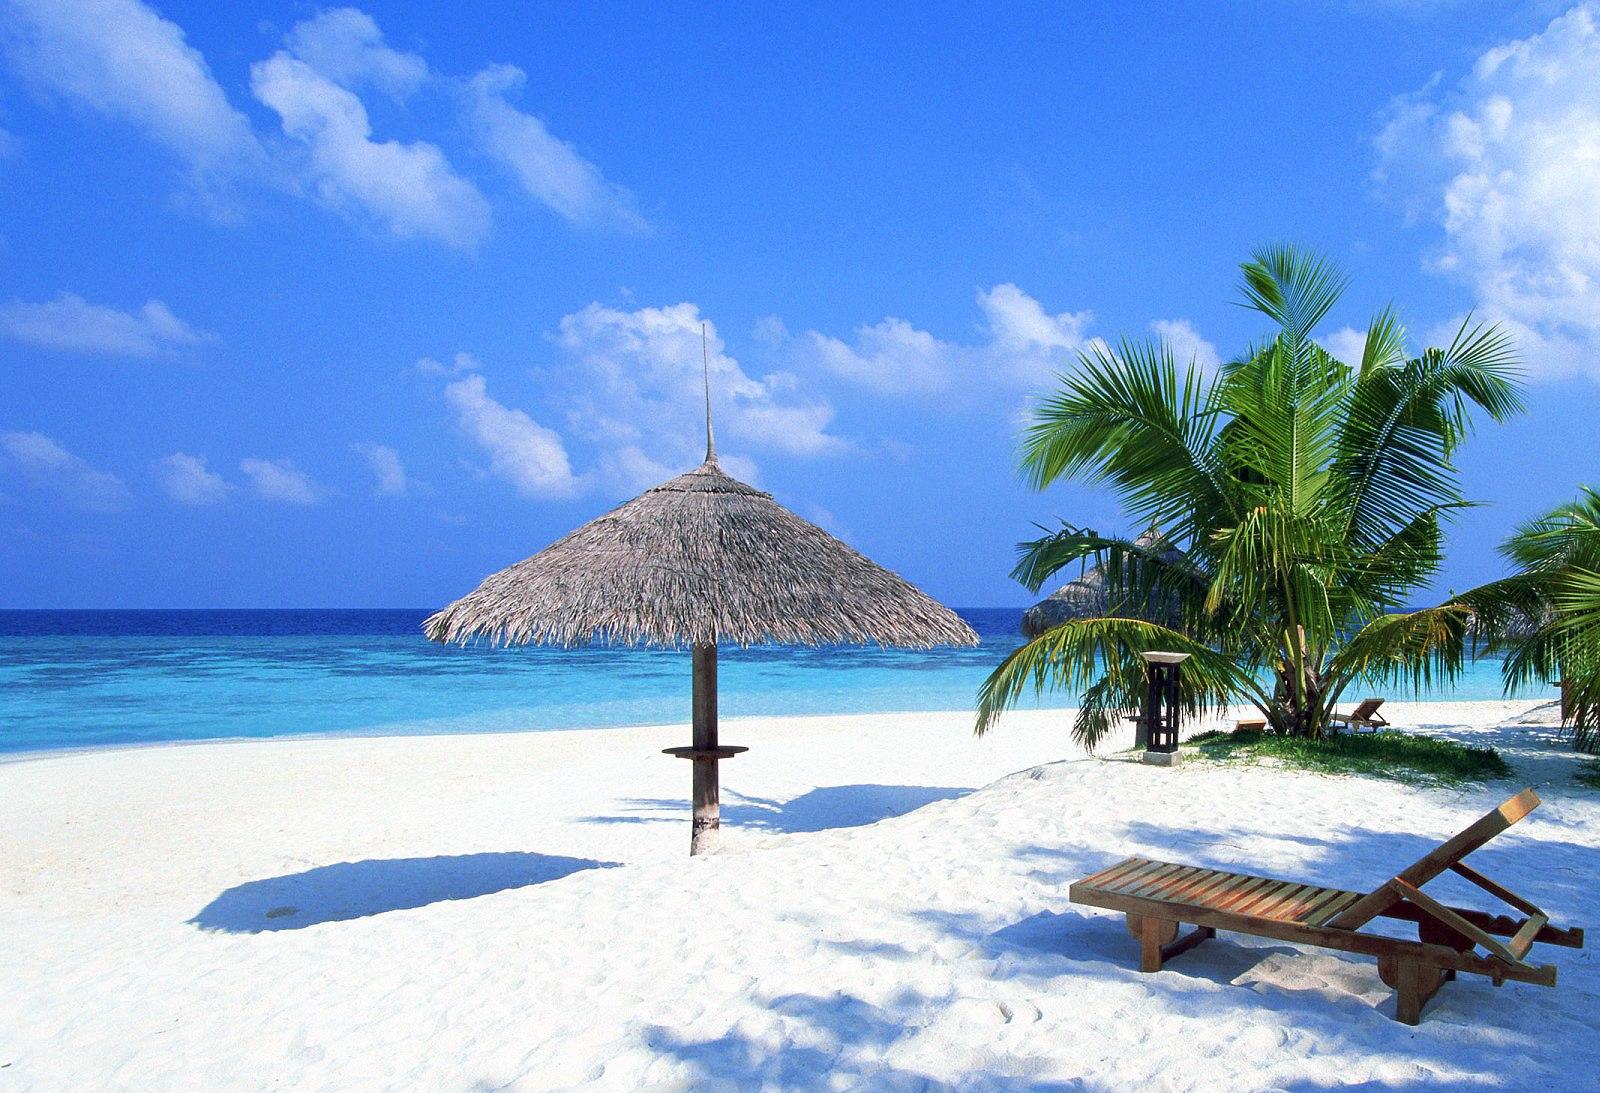 http://3.bp.blogspot.com/-hPQPi6_dU1g/TyI-f4PTc6I/AAAAAAAAAI4/3T-5FvkTyEA/s1600/tropical-beach-wallpaper-1600x1200.jpg